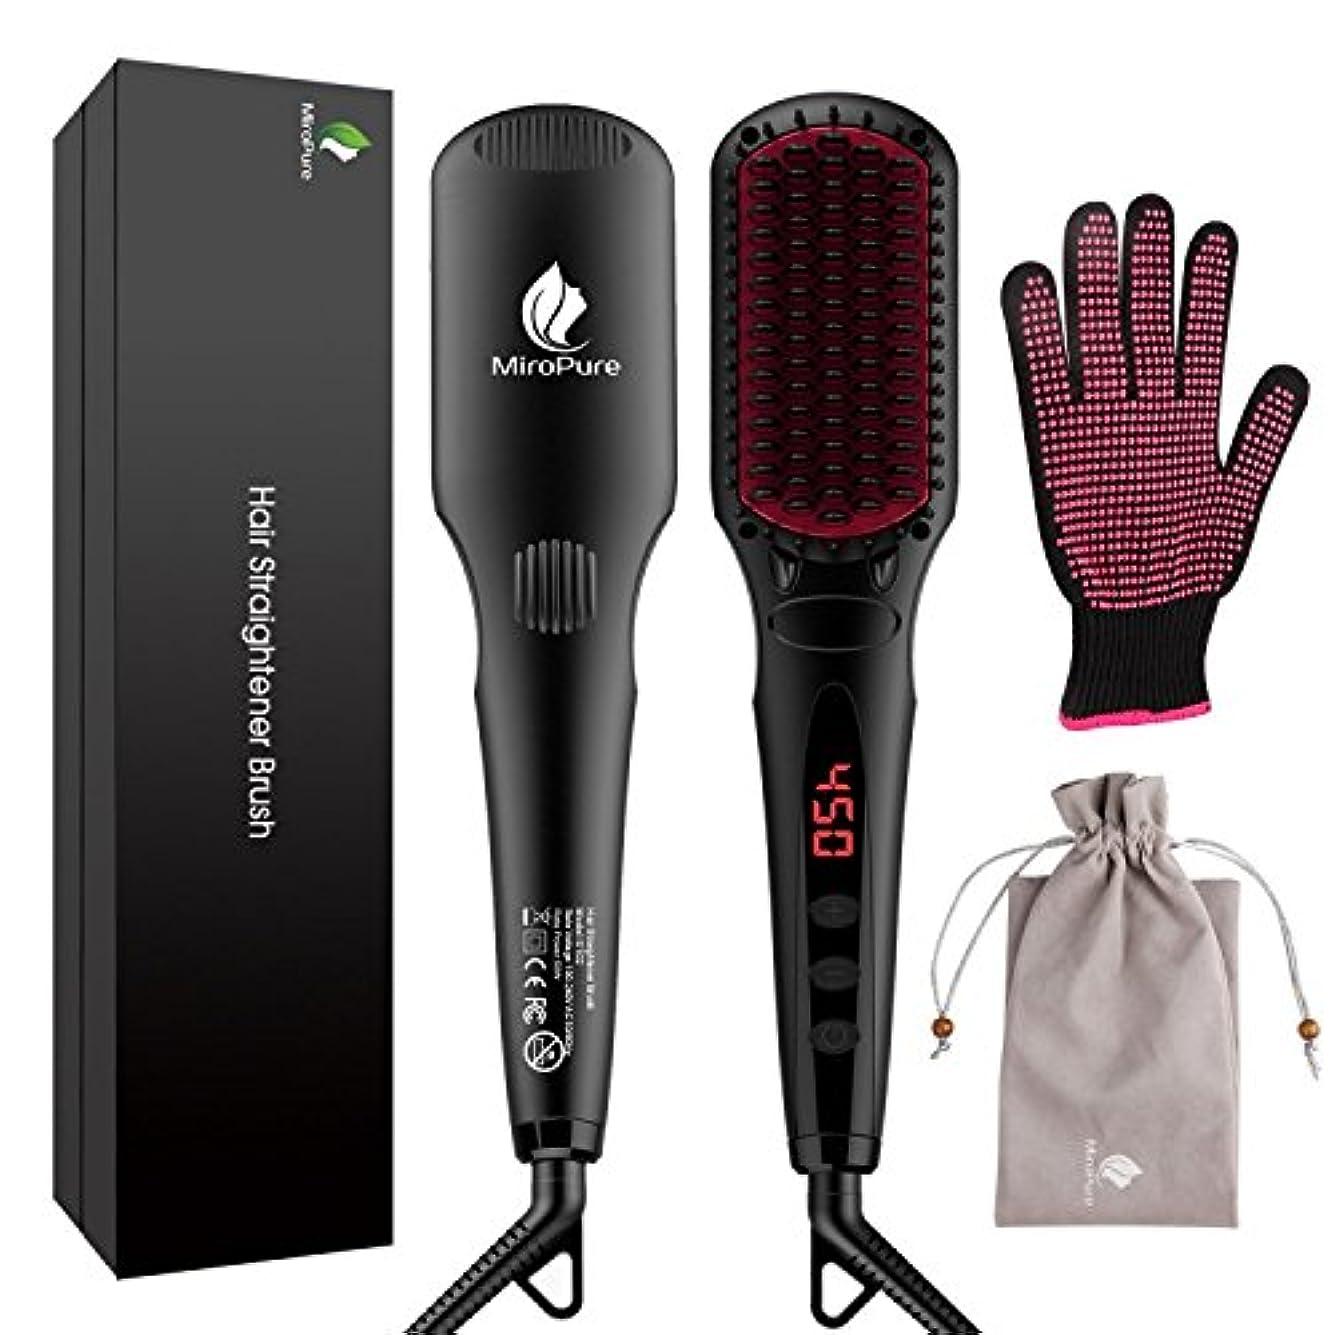 声を出して序文自然MiroPure 2 in 1 Ionic Hair Straightener Brush ヘアストレートヘアブラシ with Heat Resistant Glove and Temperature Lock Function...